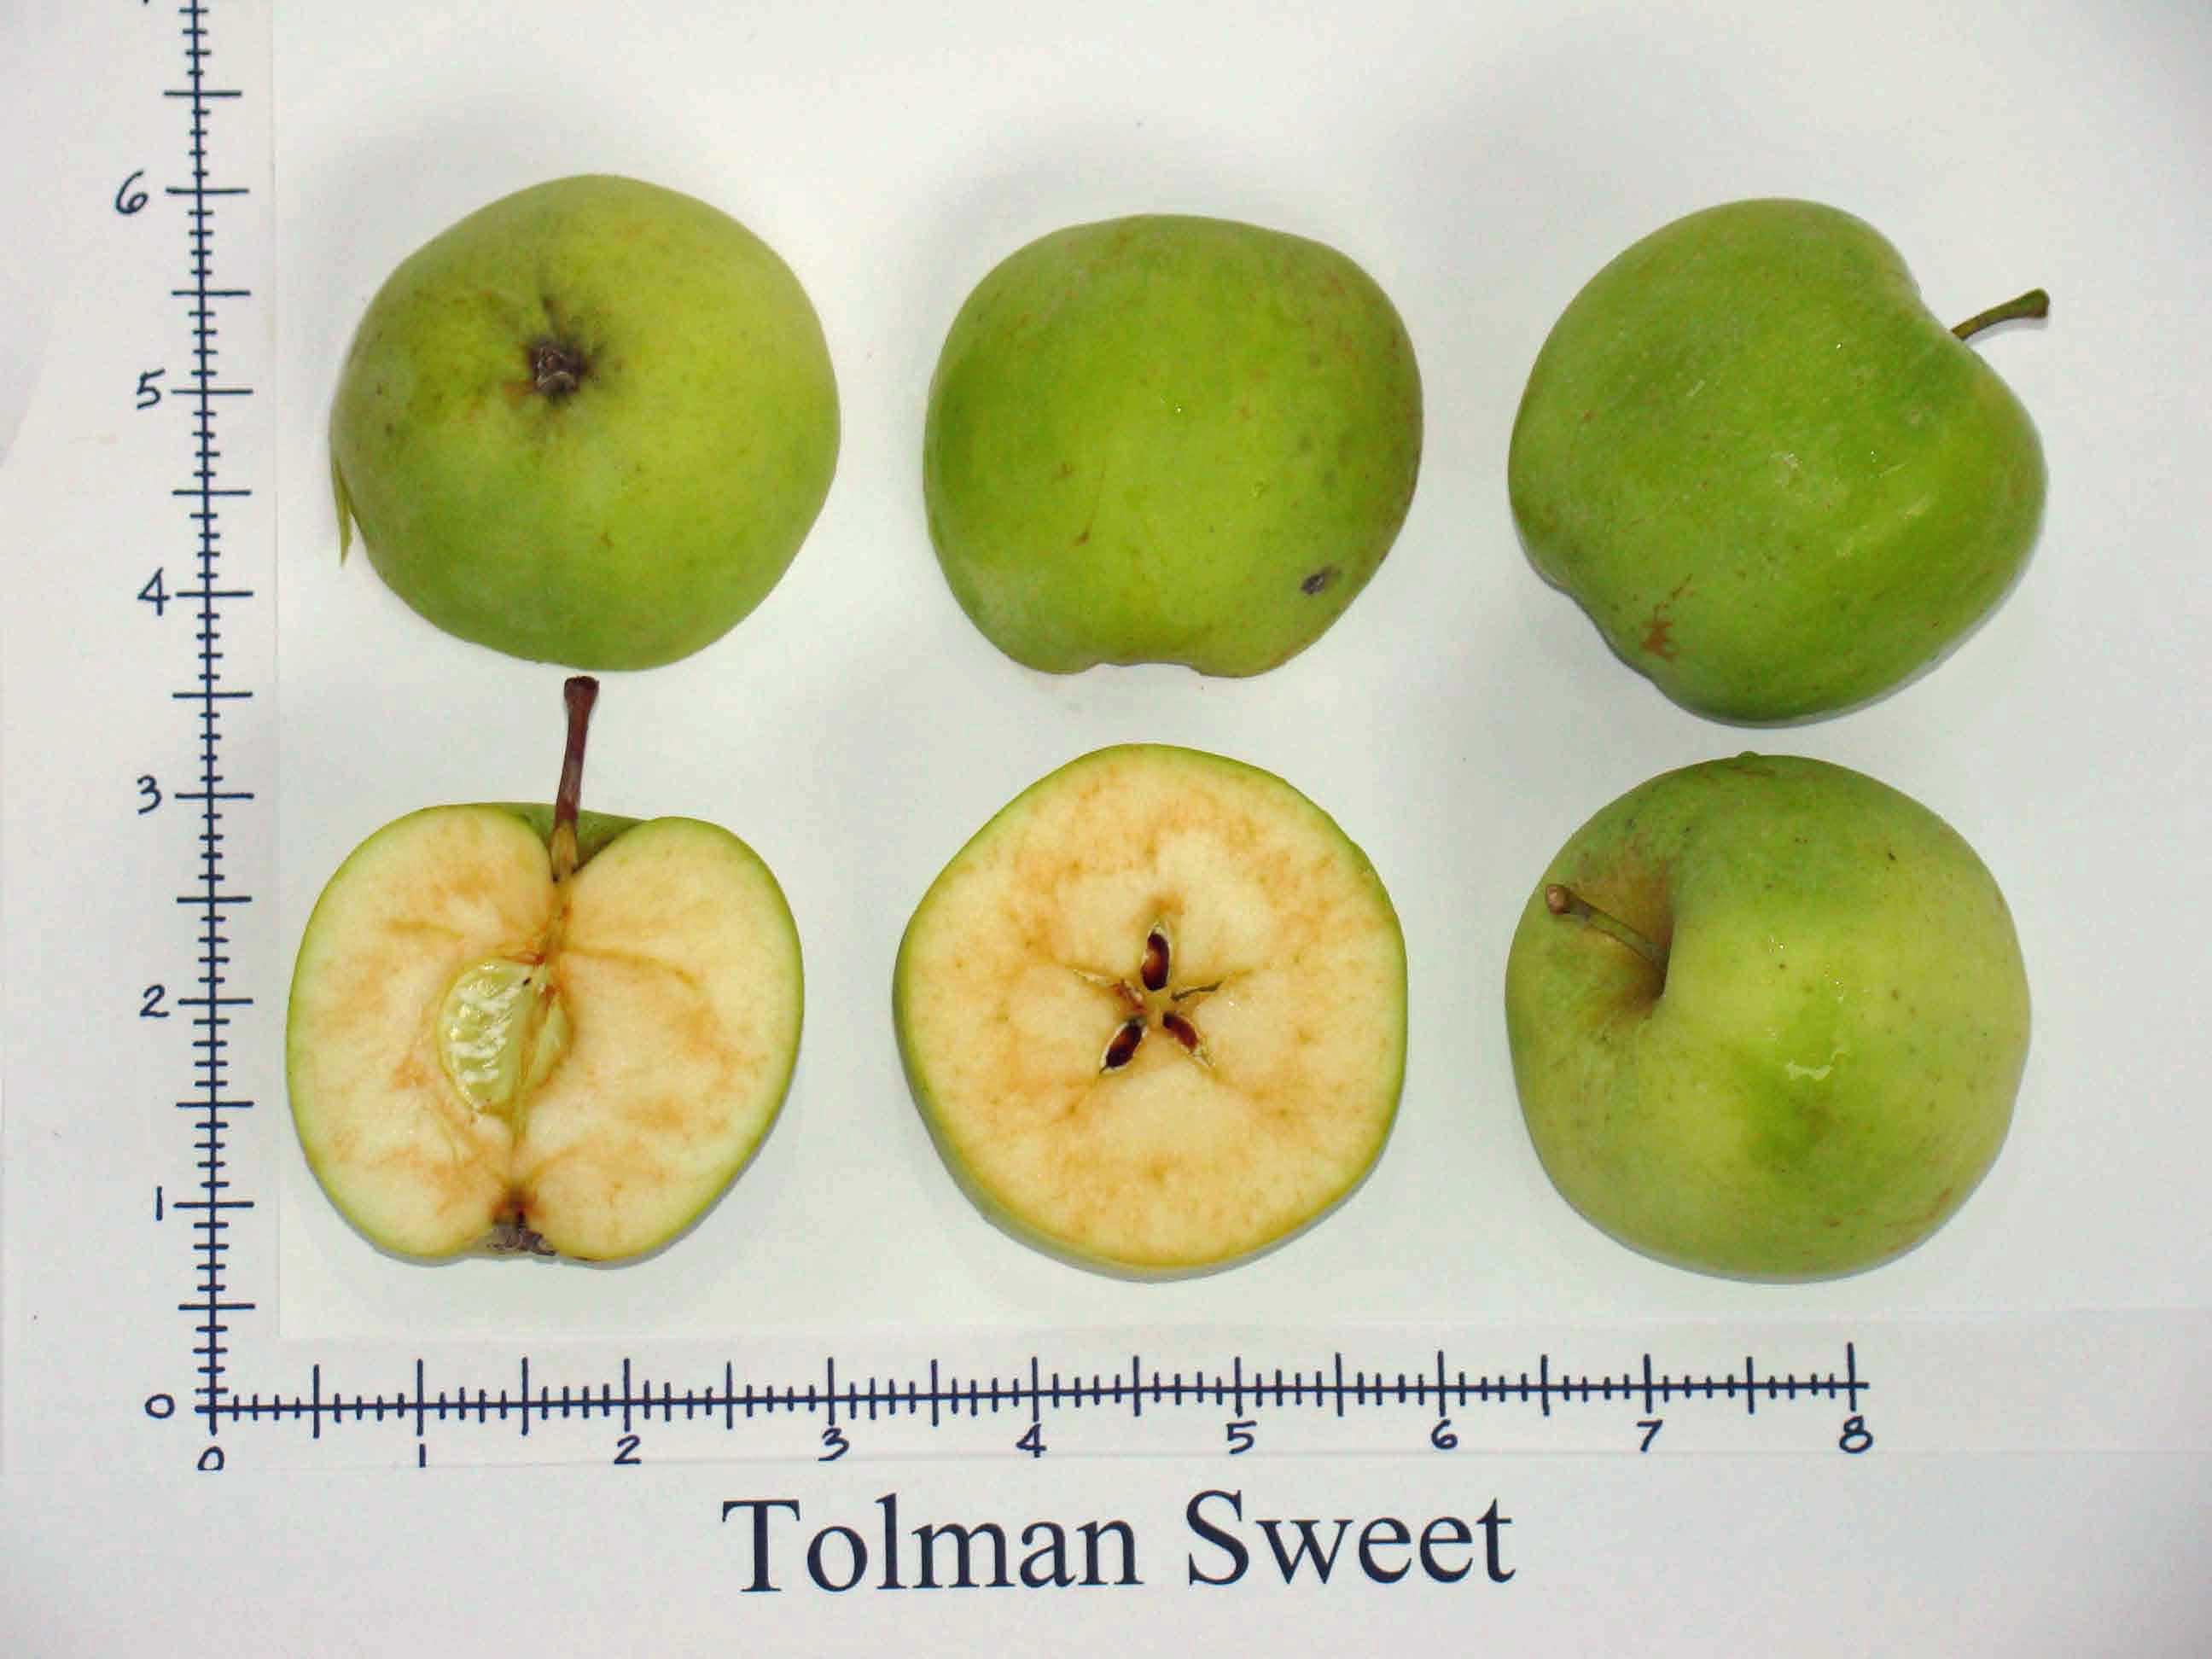 Tolman Sweet